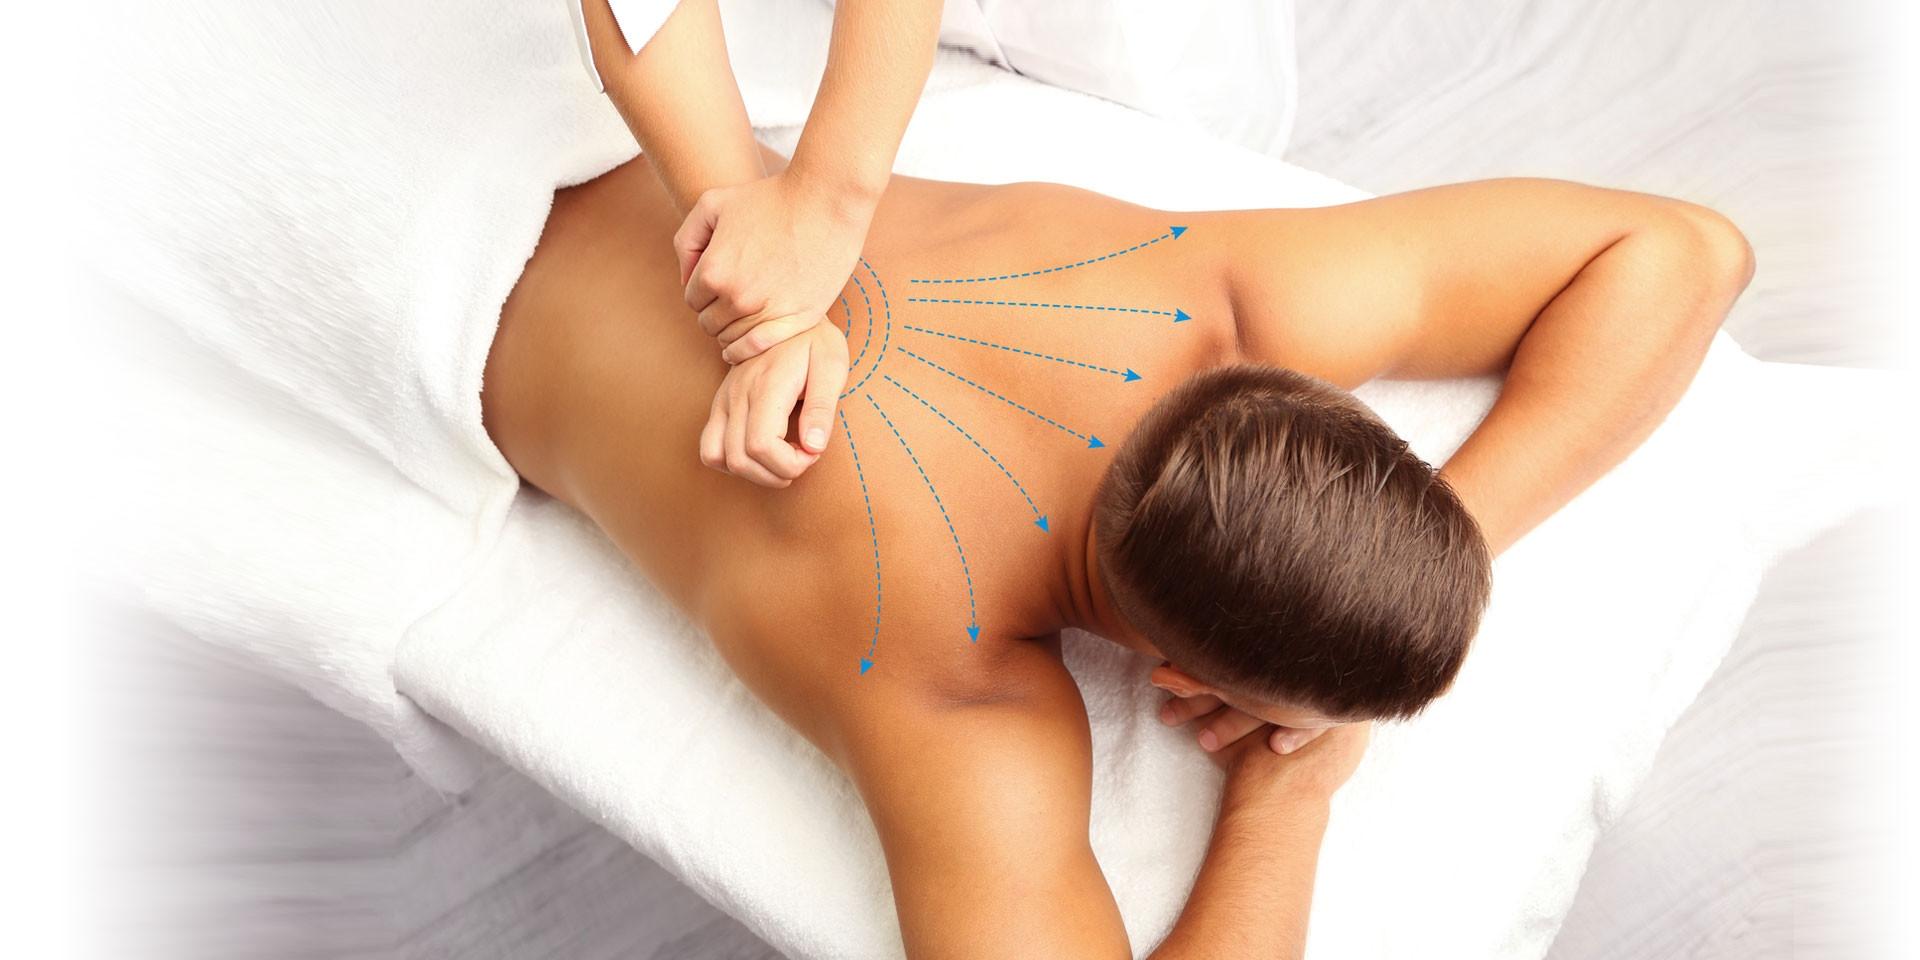 Противопоказания к антицеллюлитному массажу - ручному, медовому, баночному, вакуумному, живота, ног